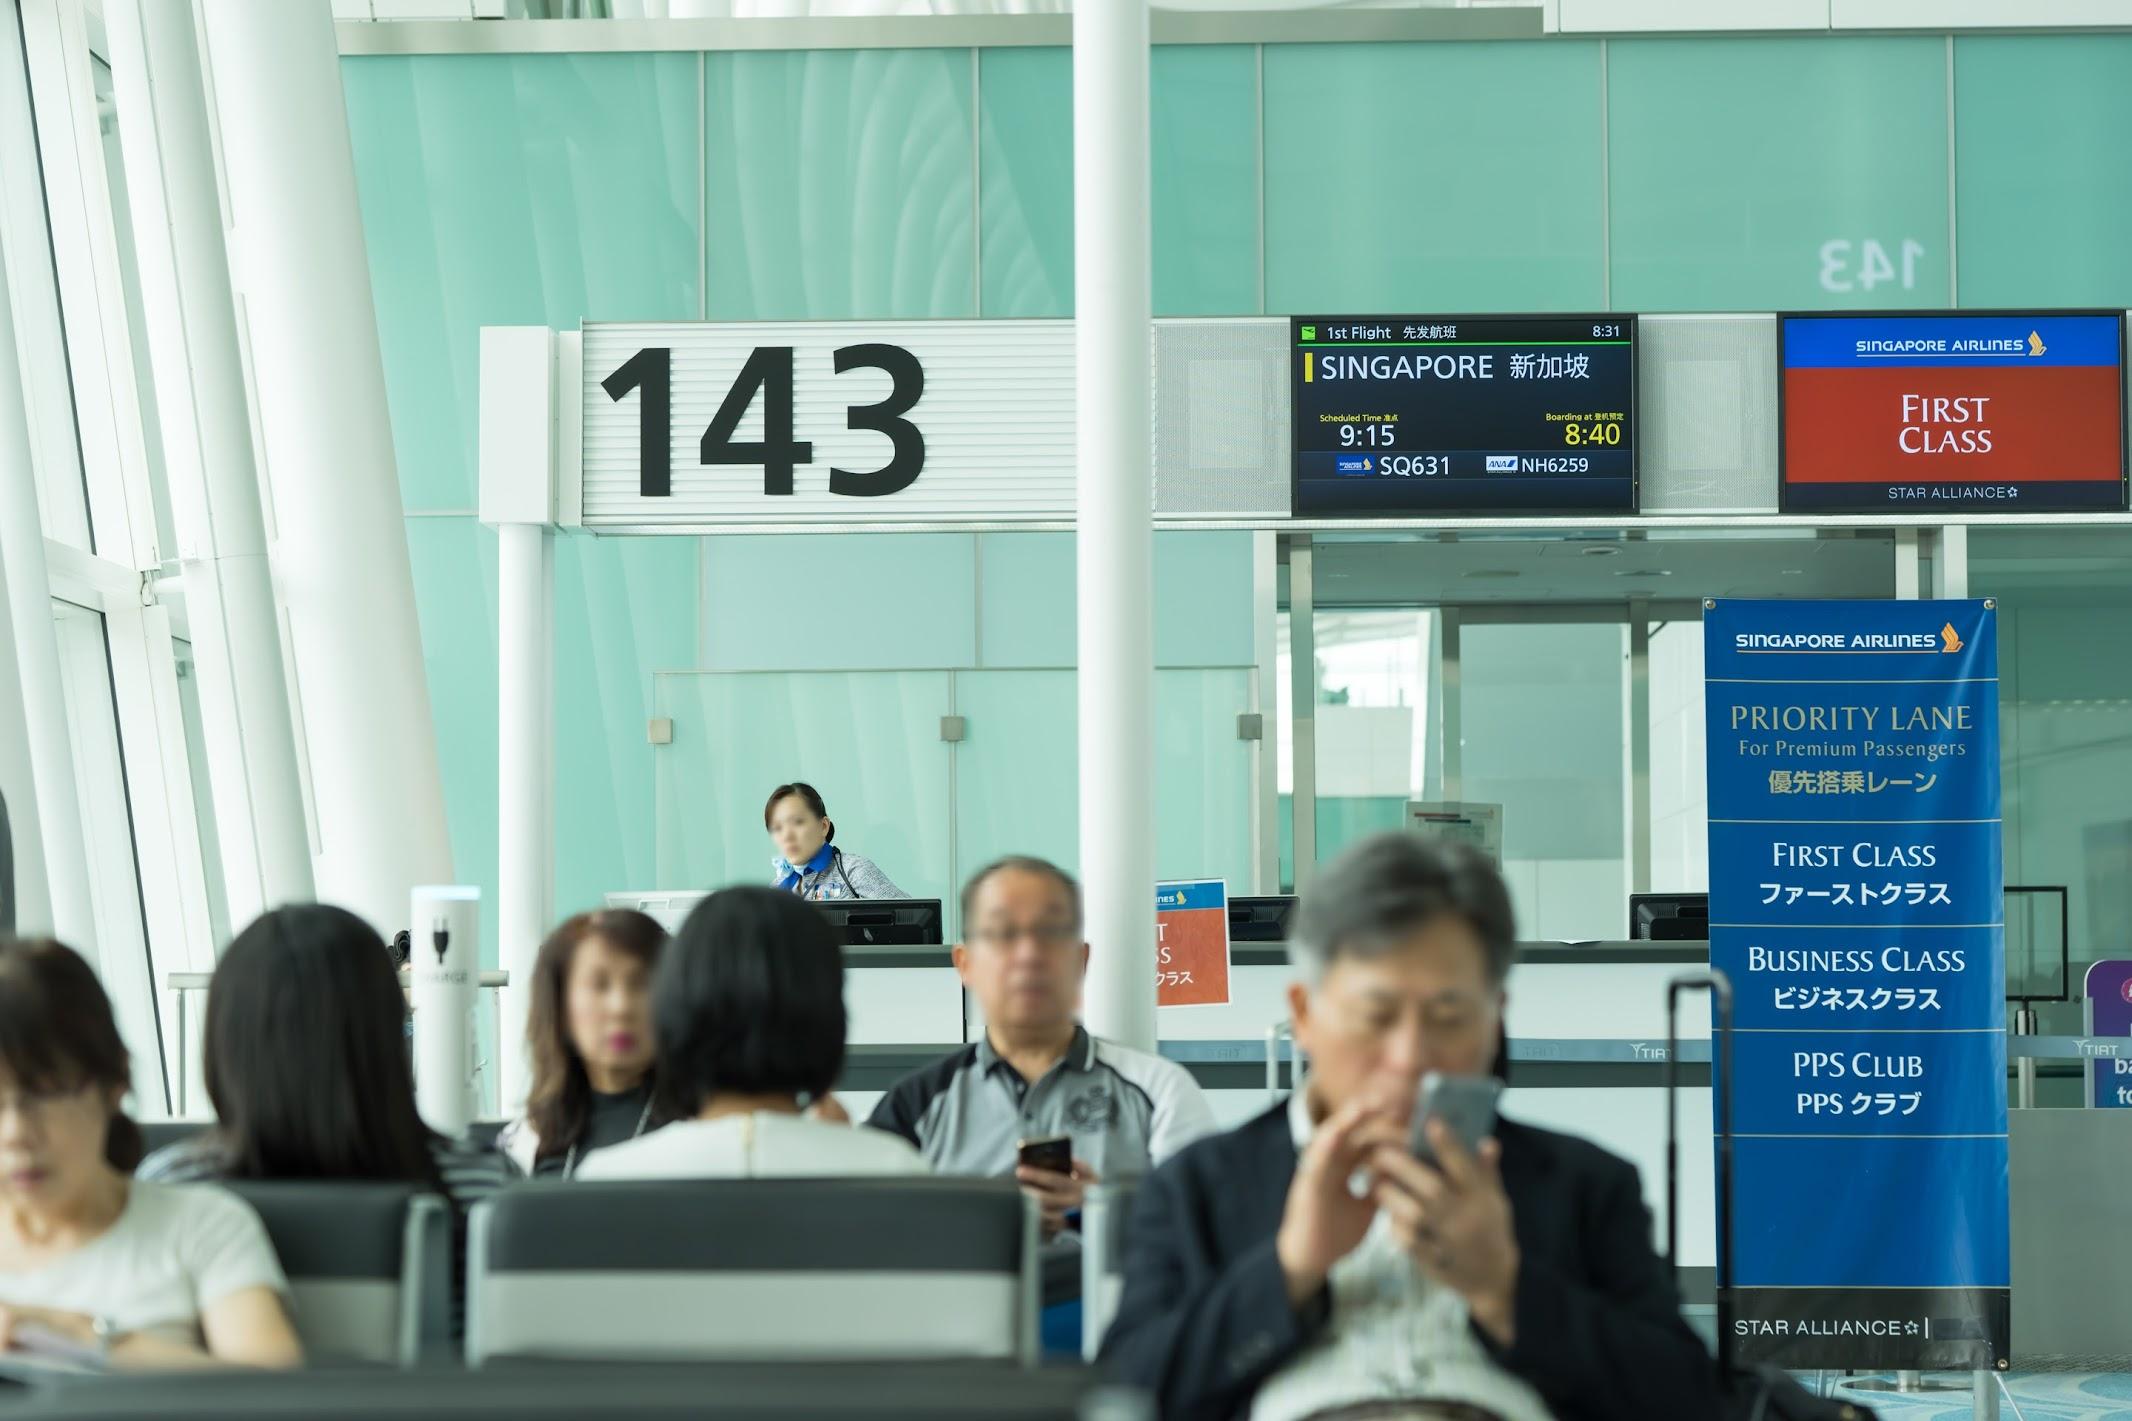 羽田空港 シンガポール航空3